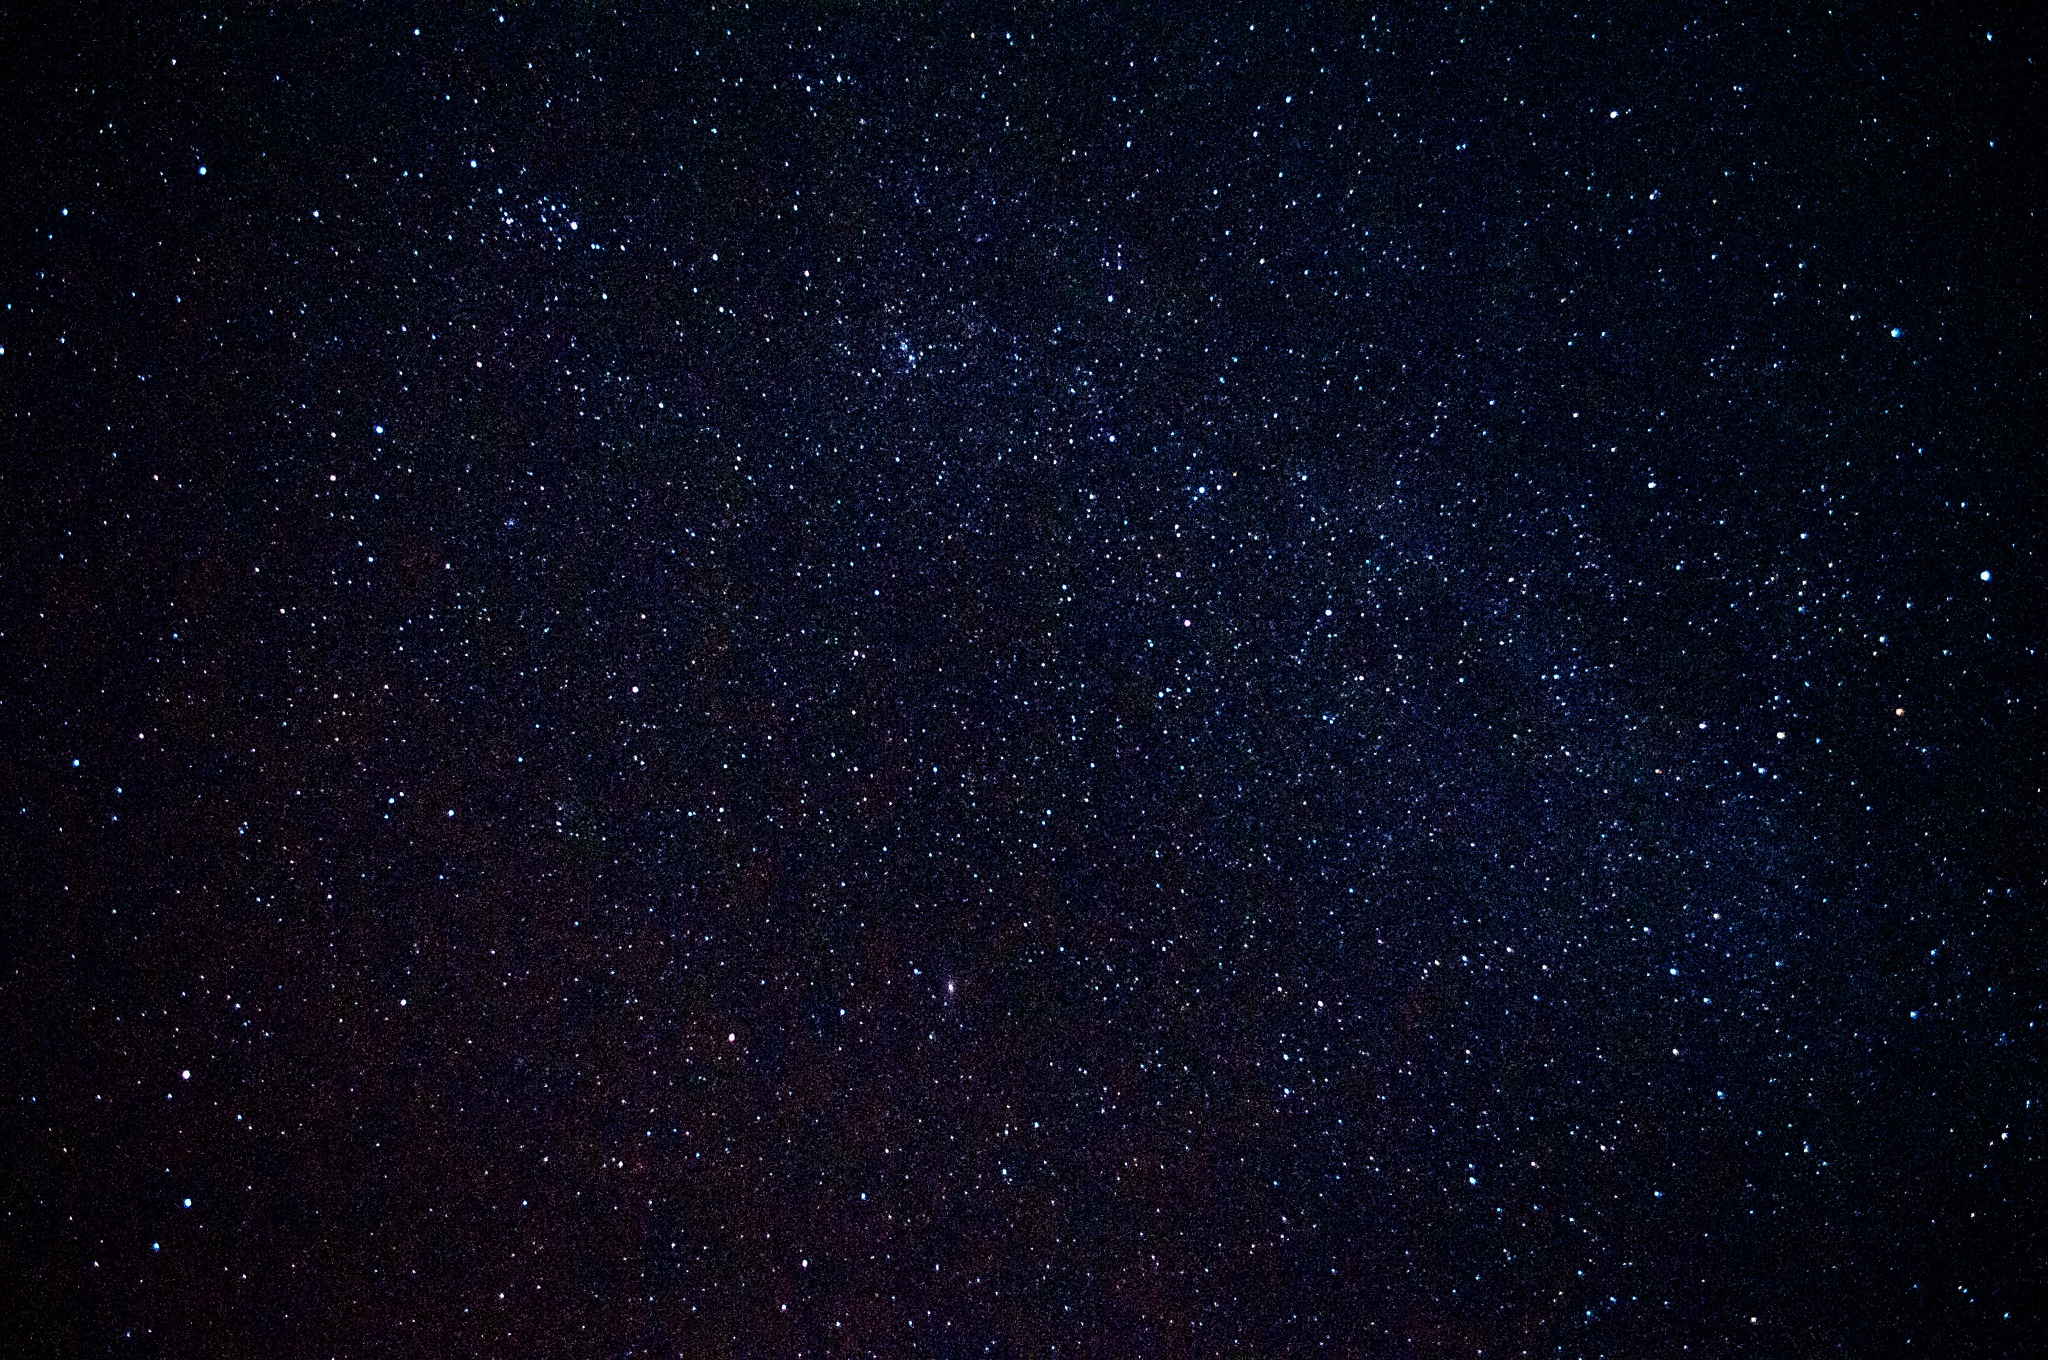 starry skies by LouiseKaye